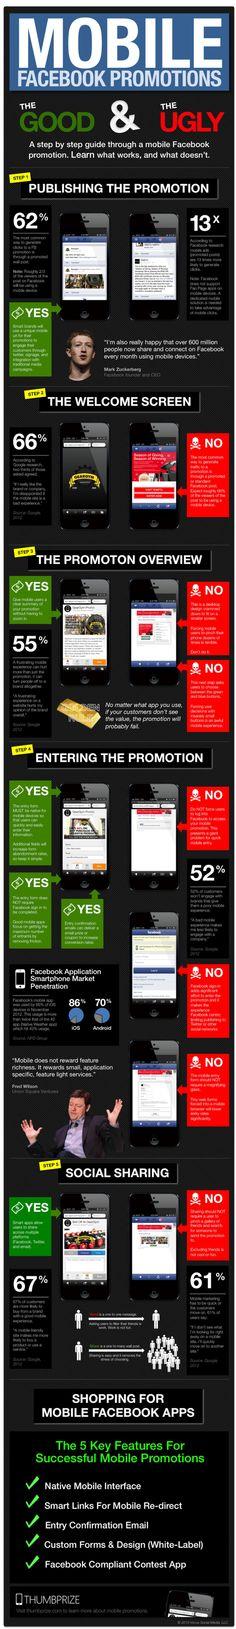 Promociones en FaceBook móvil